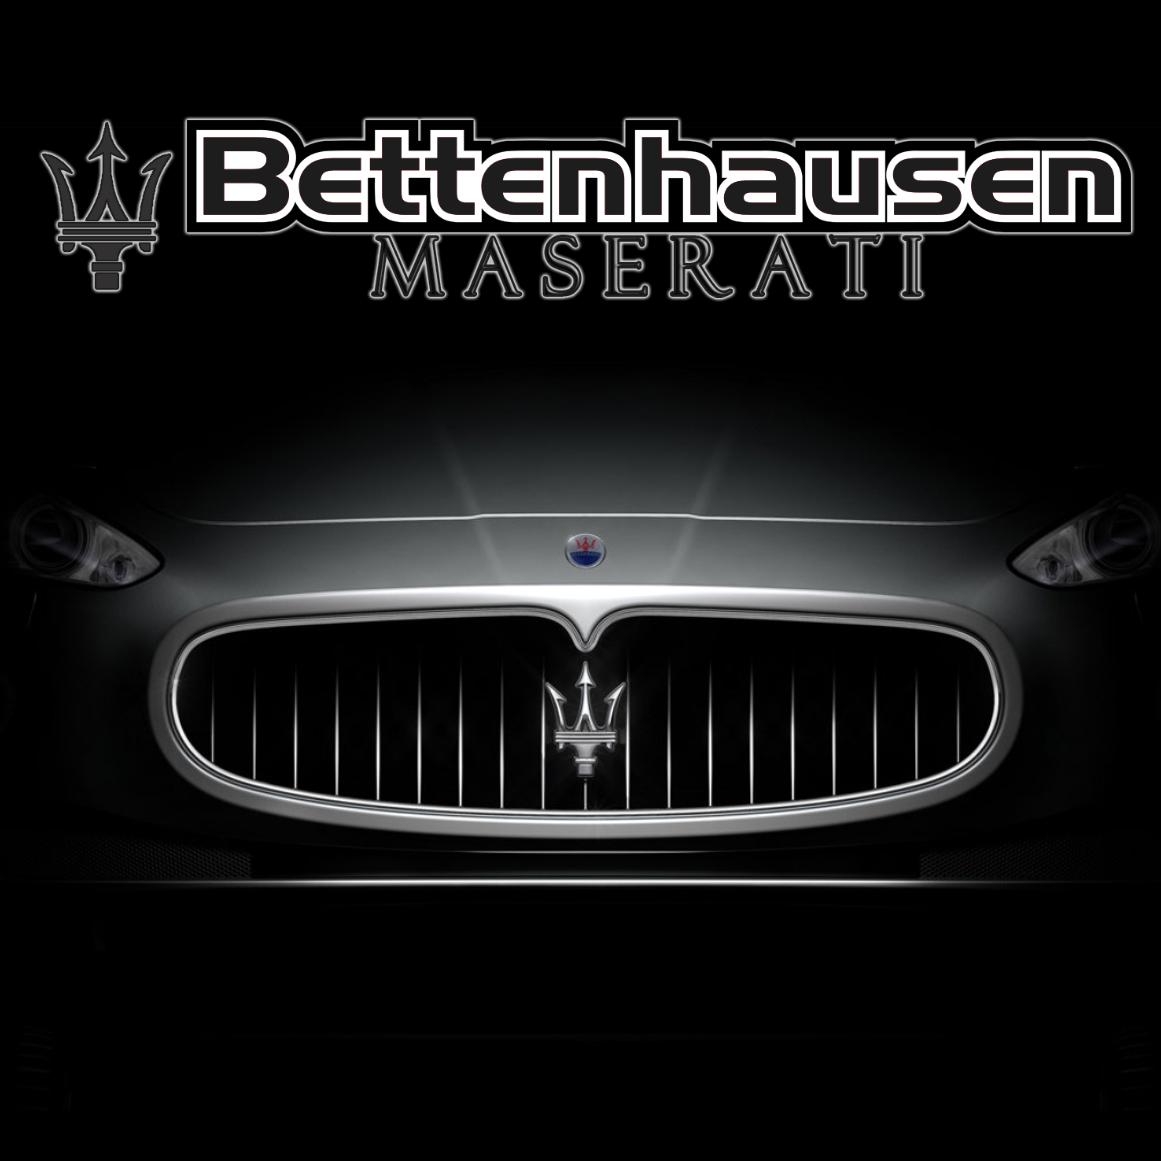 Bettenhausen Maserati